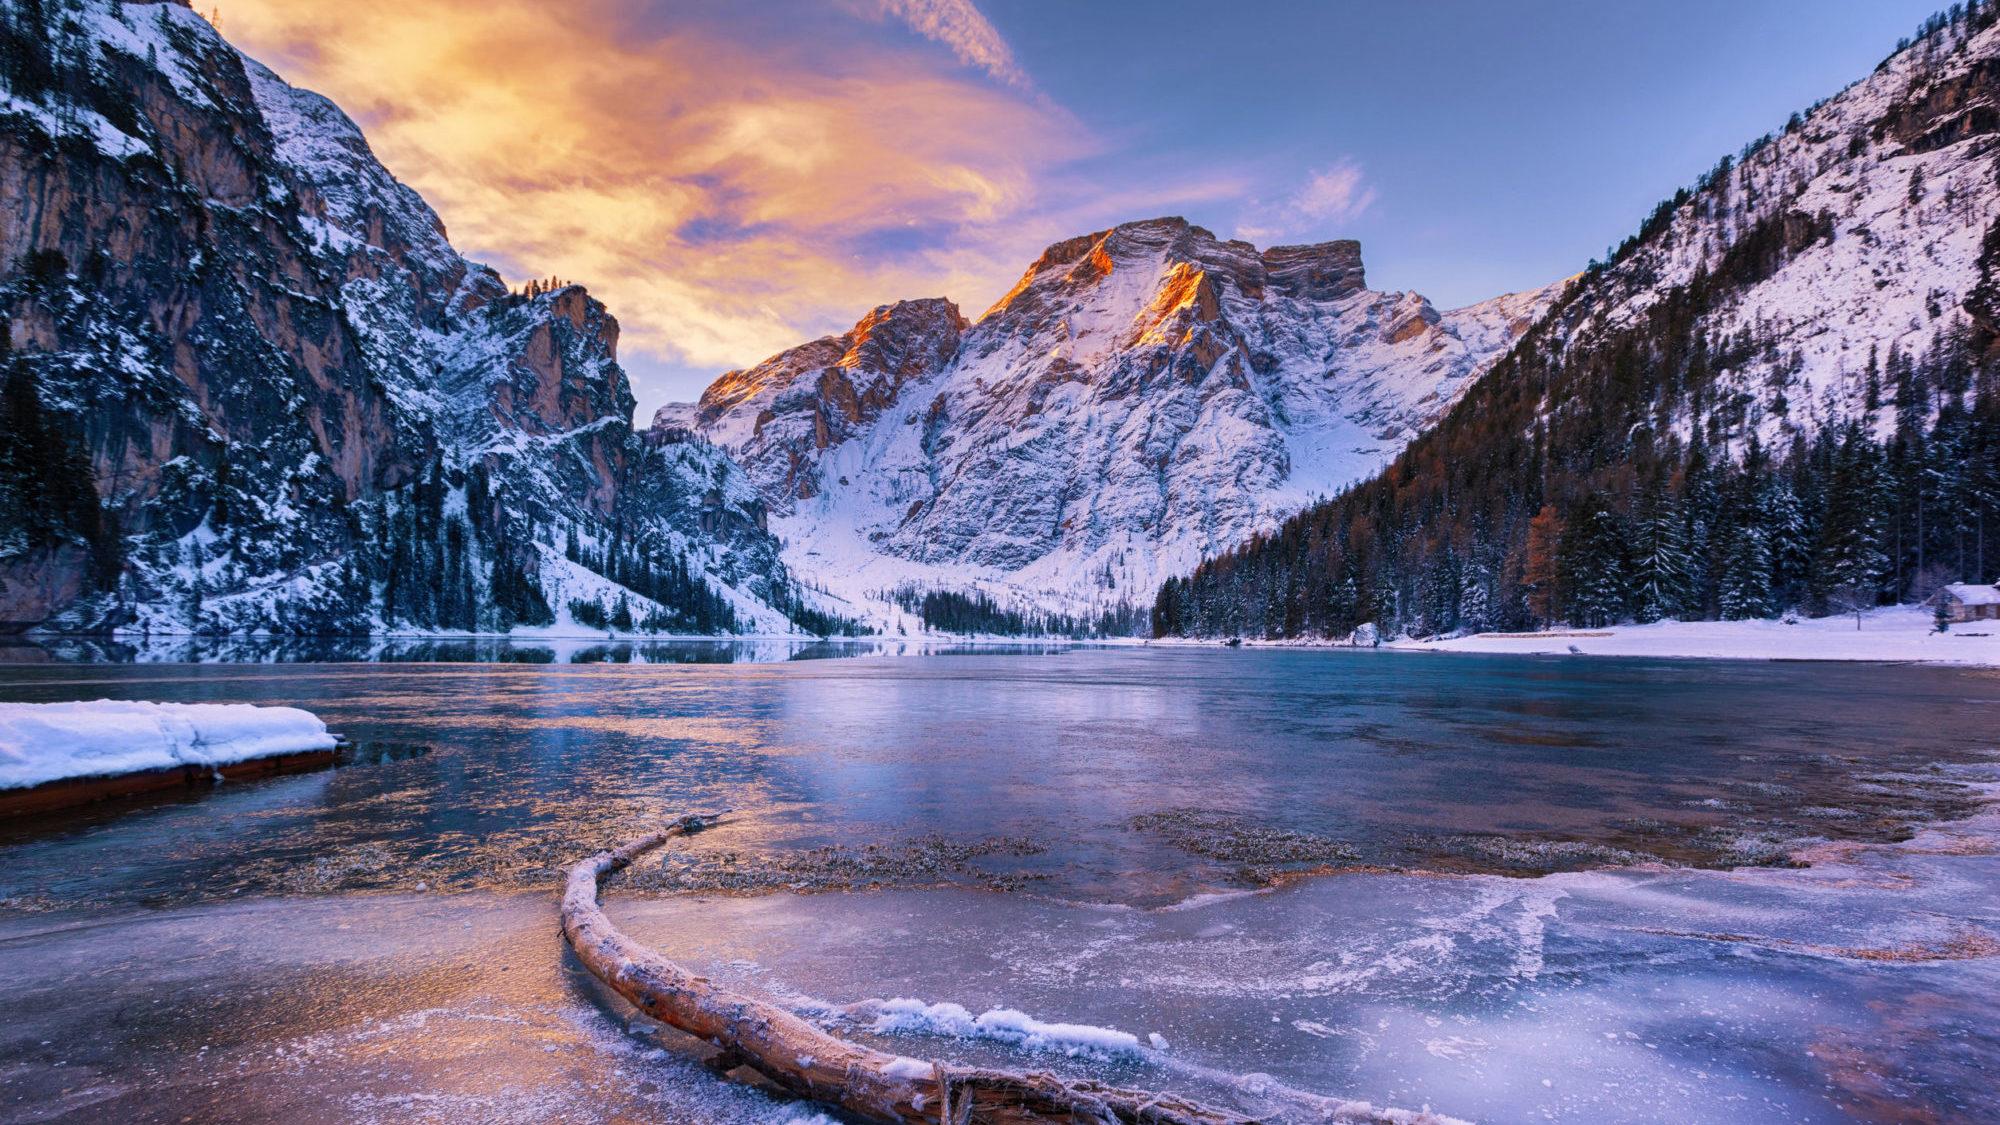 L'incantevole lago di Braies e Prato Piazza – 2/3 febbraio 2019